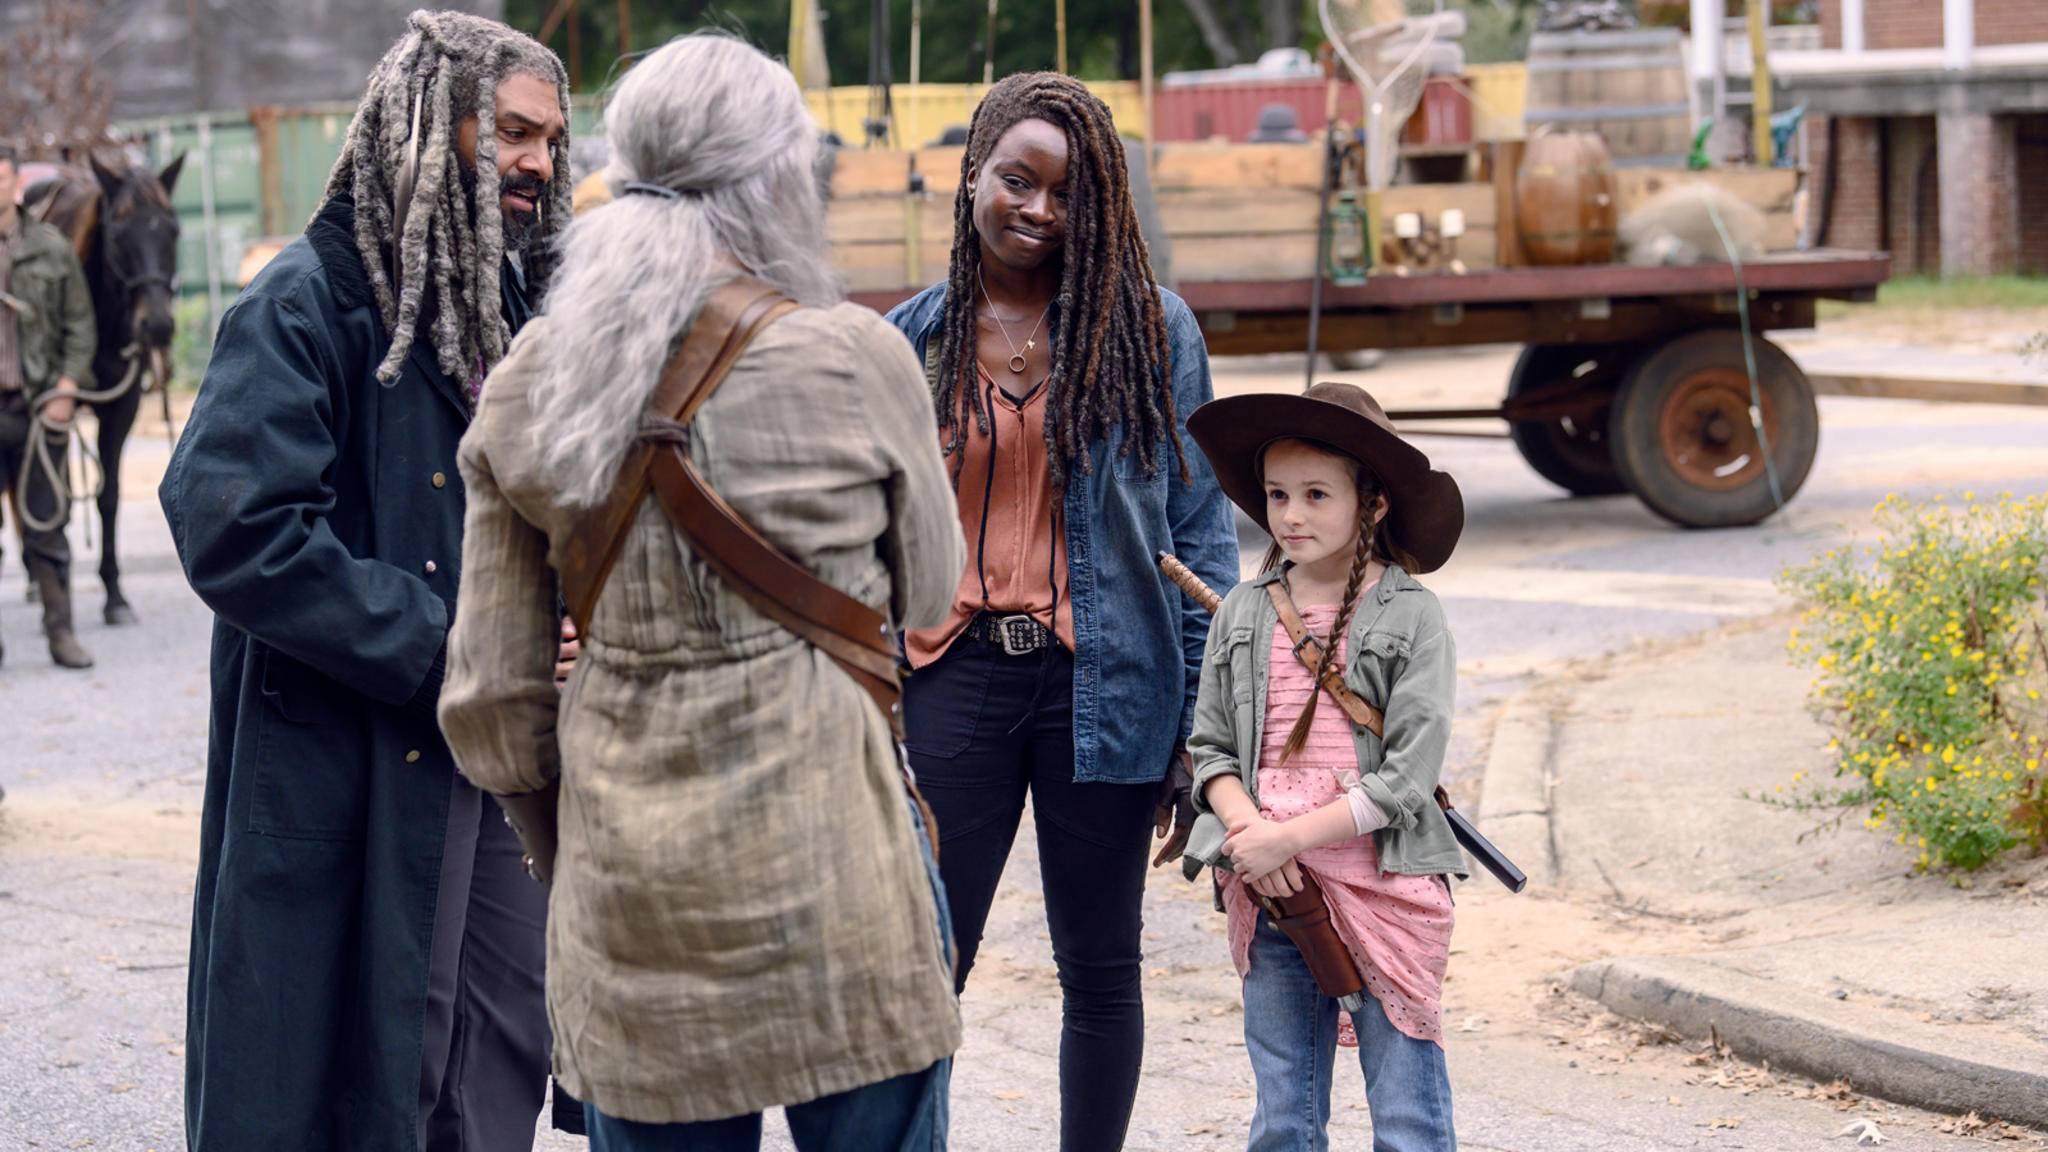 In Staffel 10 verbringt Michonne besonders viel Zeit mit Judith.